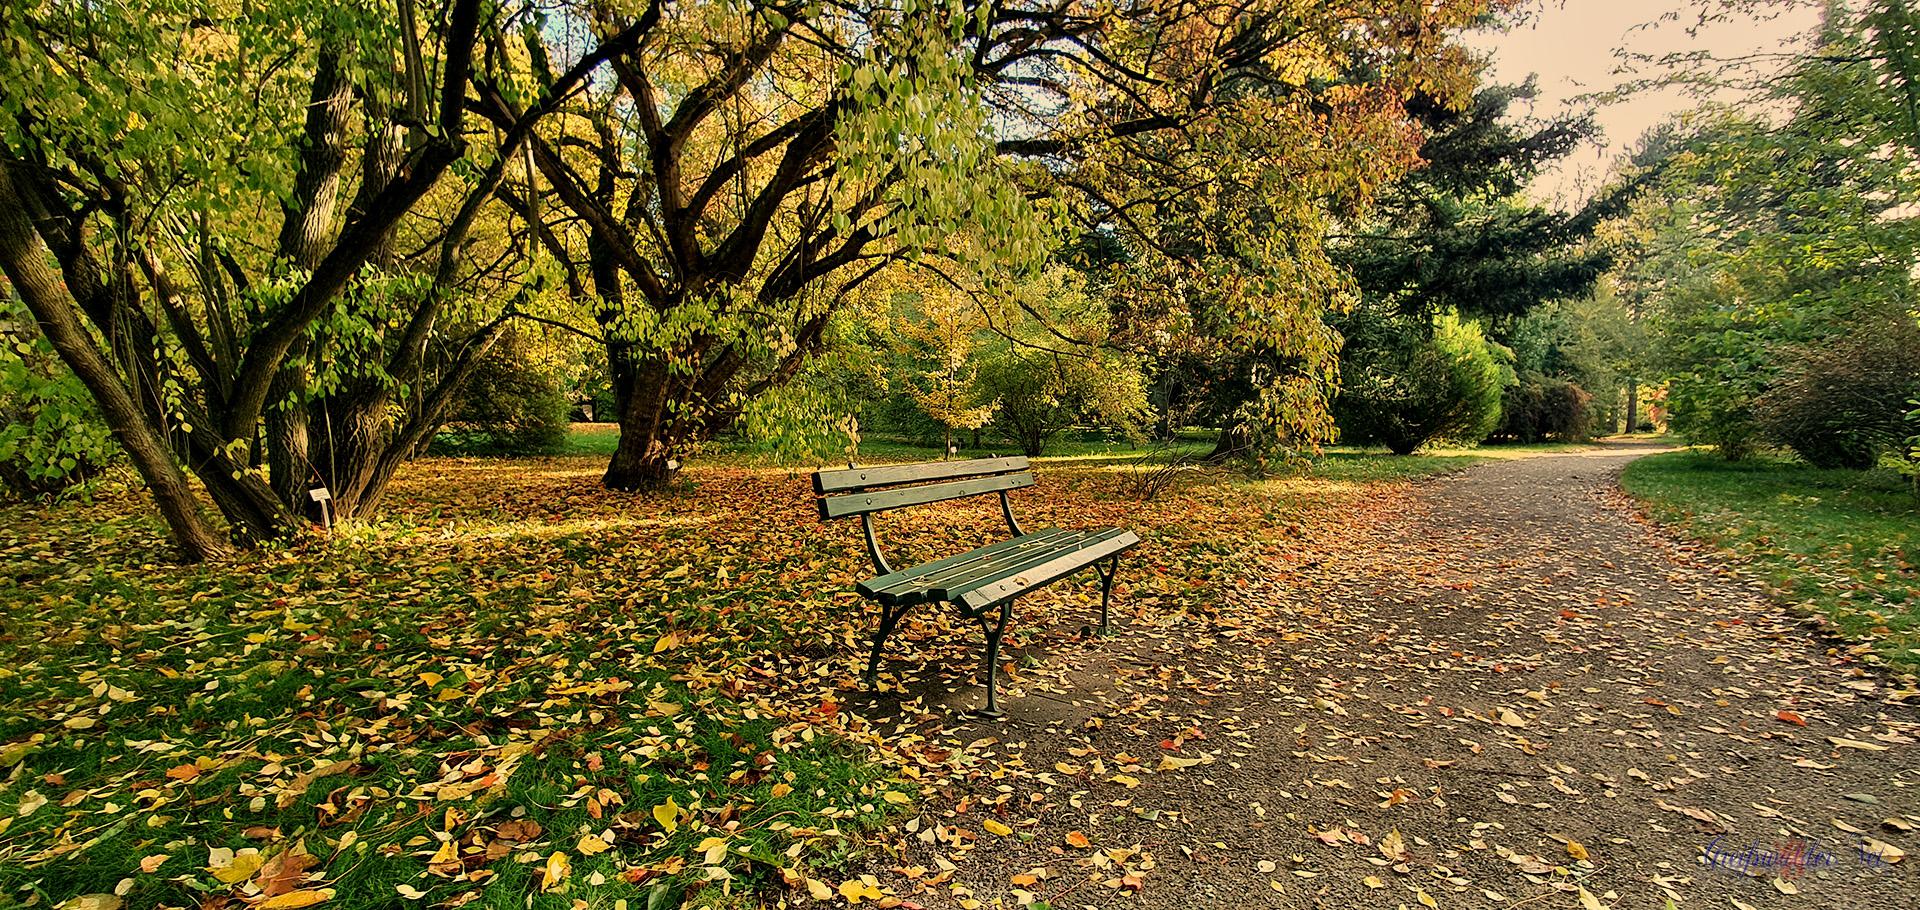 Herbst im Arboretum des Botanischen Gartens Greifswald